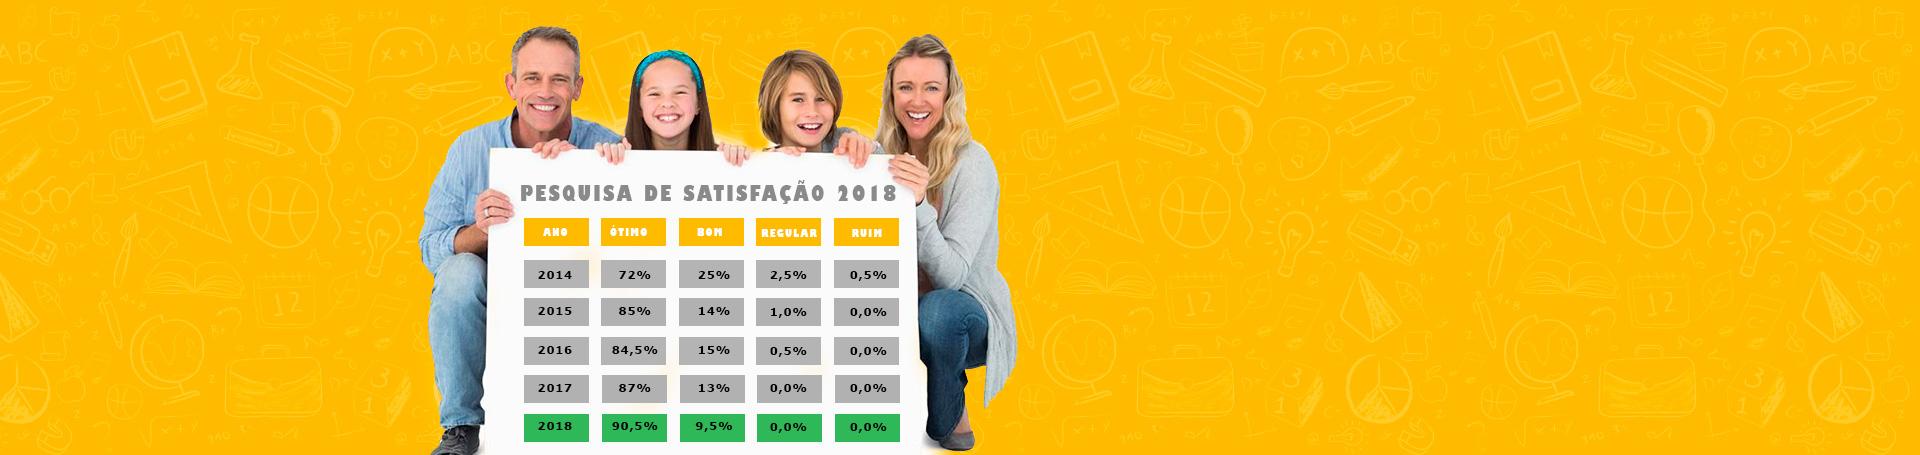 banner-avaliação-2